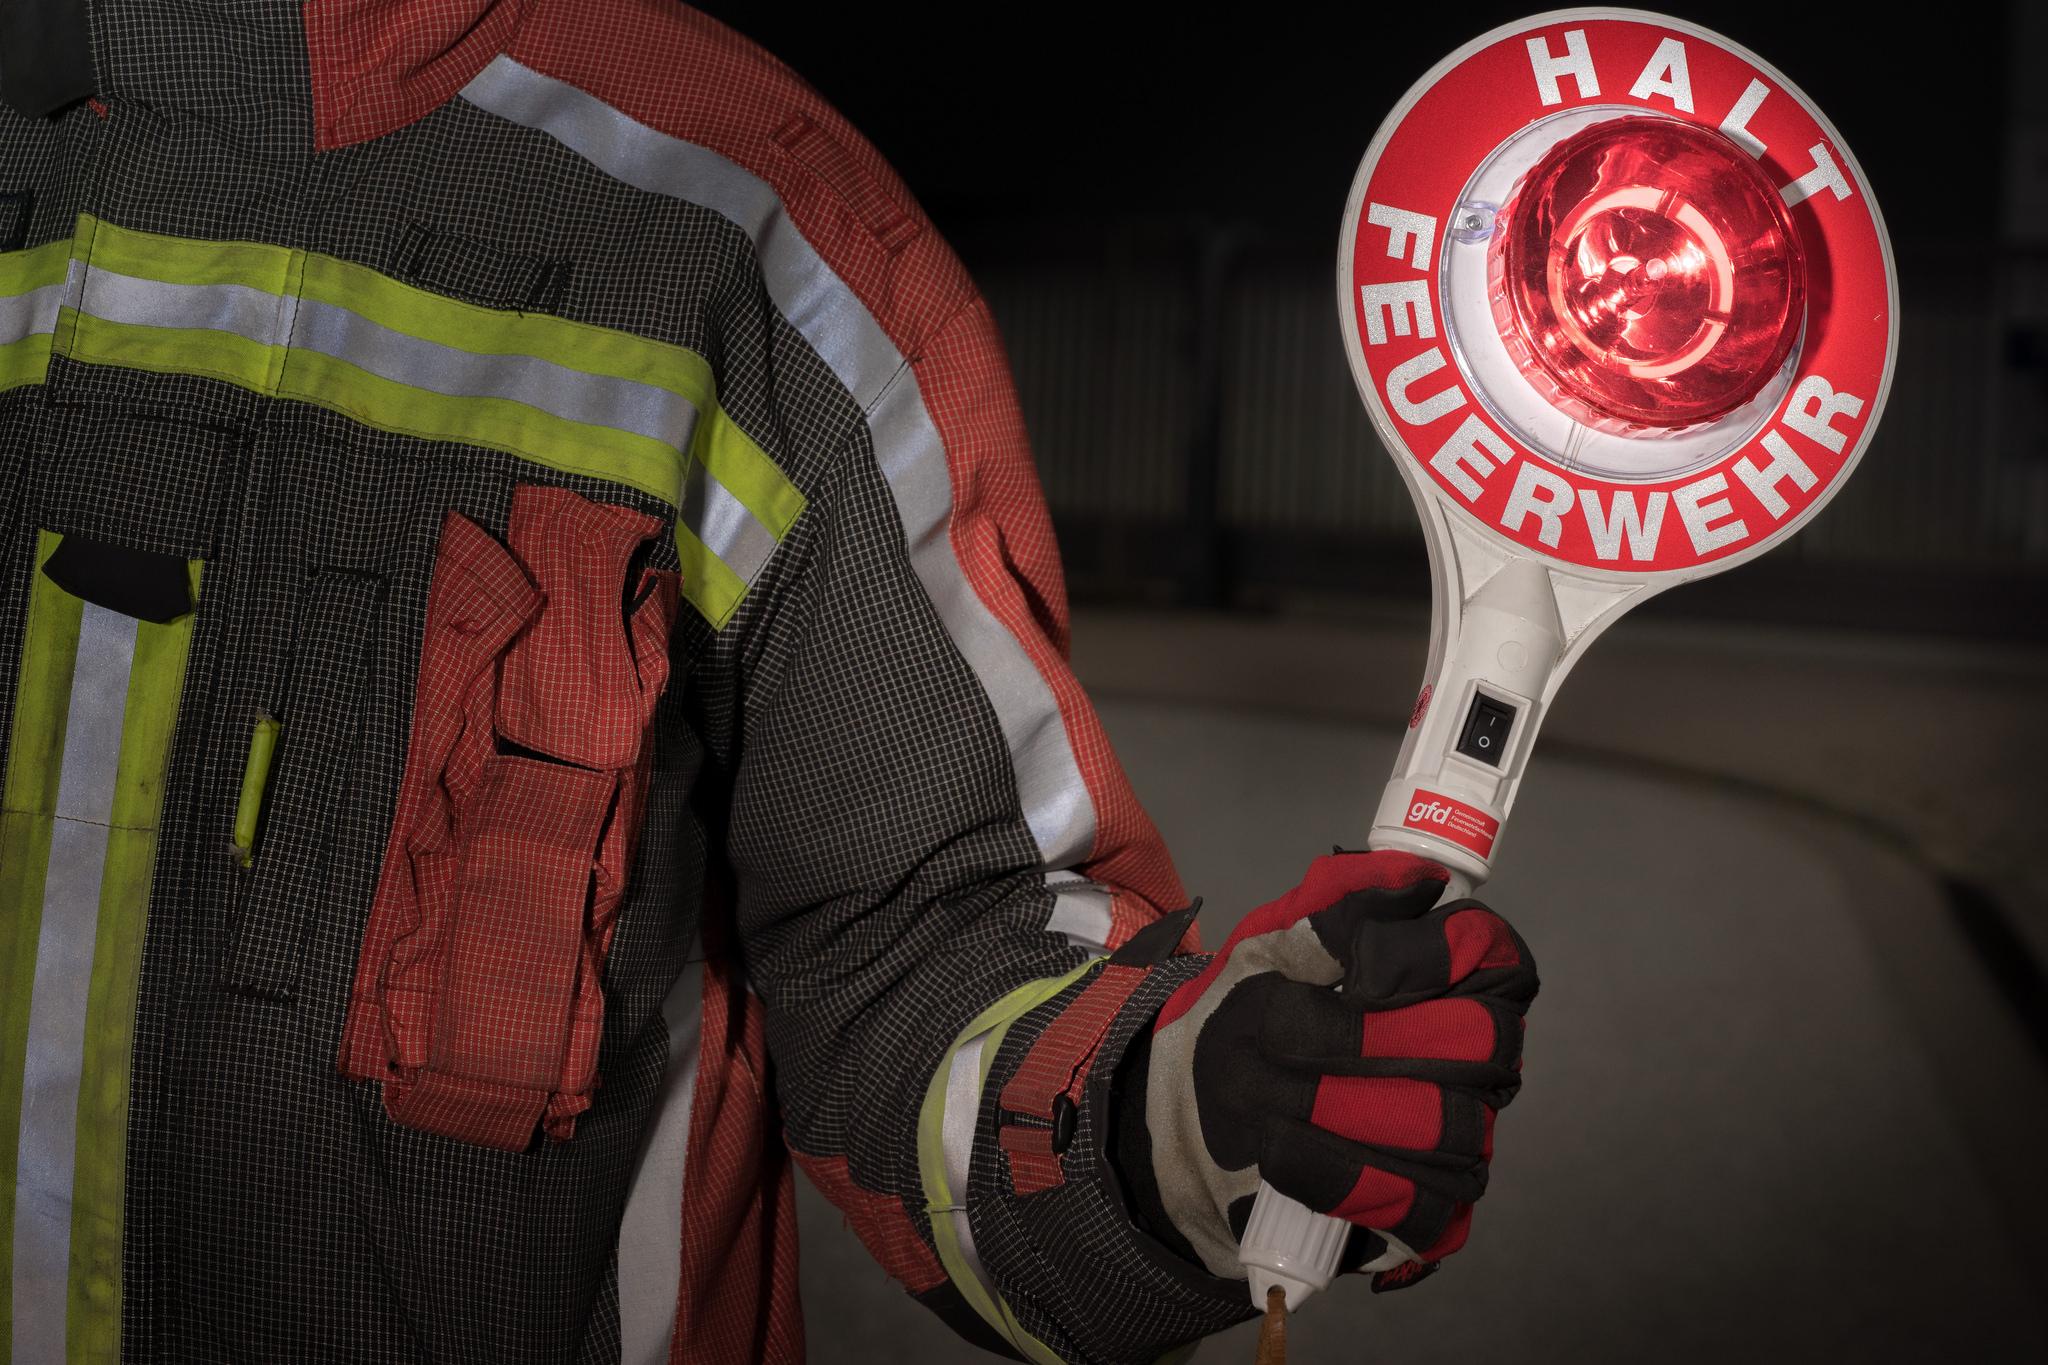 1 Einsatz der Feuerwehr Norderstedt